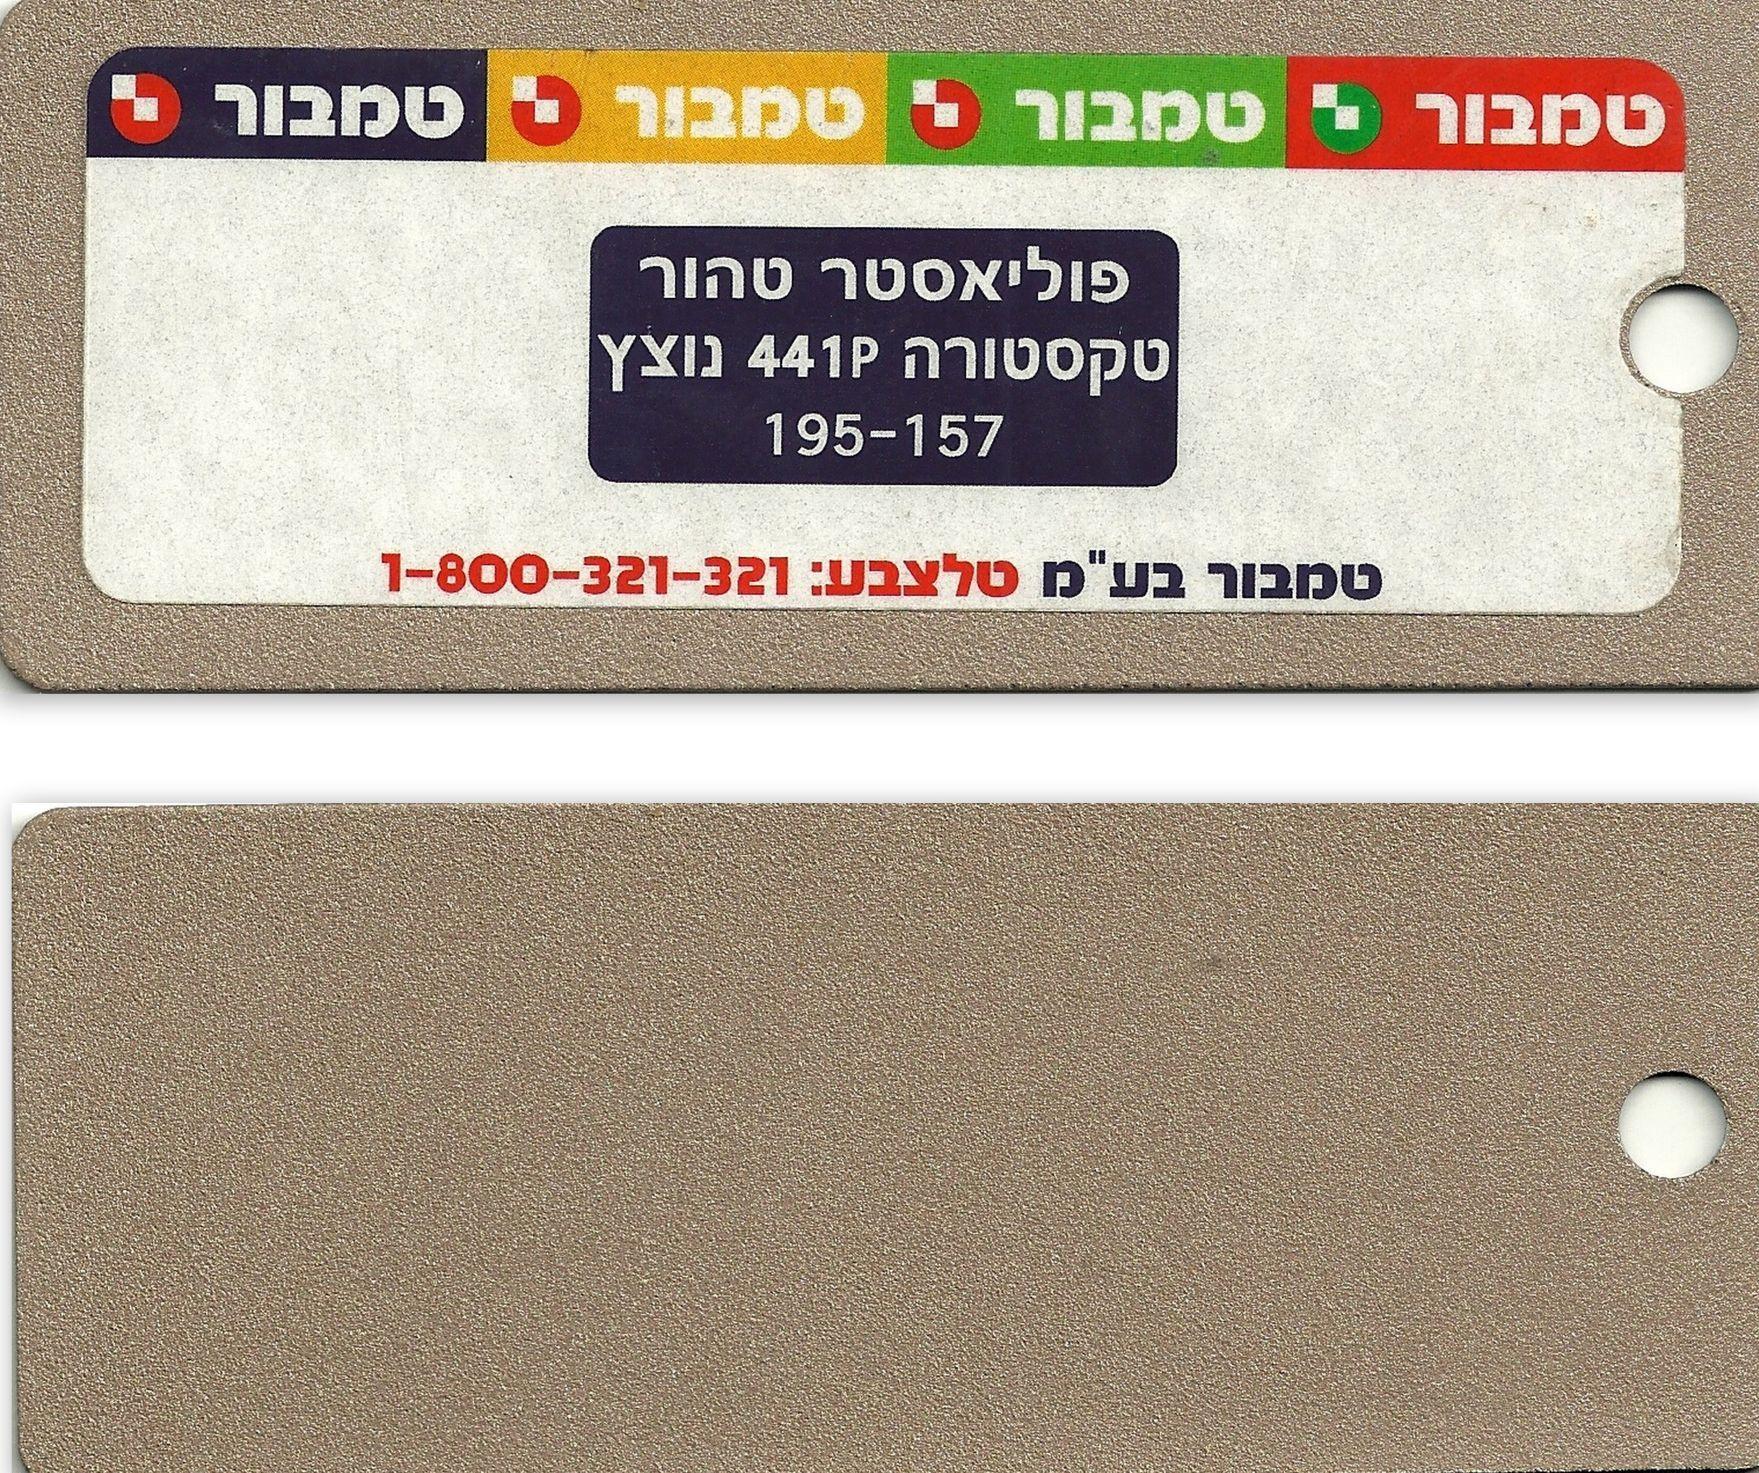 שערים - קטלוג צבעים - טמבור/קליל - טמבור טקסטורה 441p נוצץ